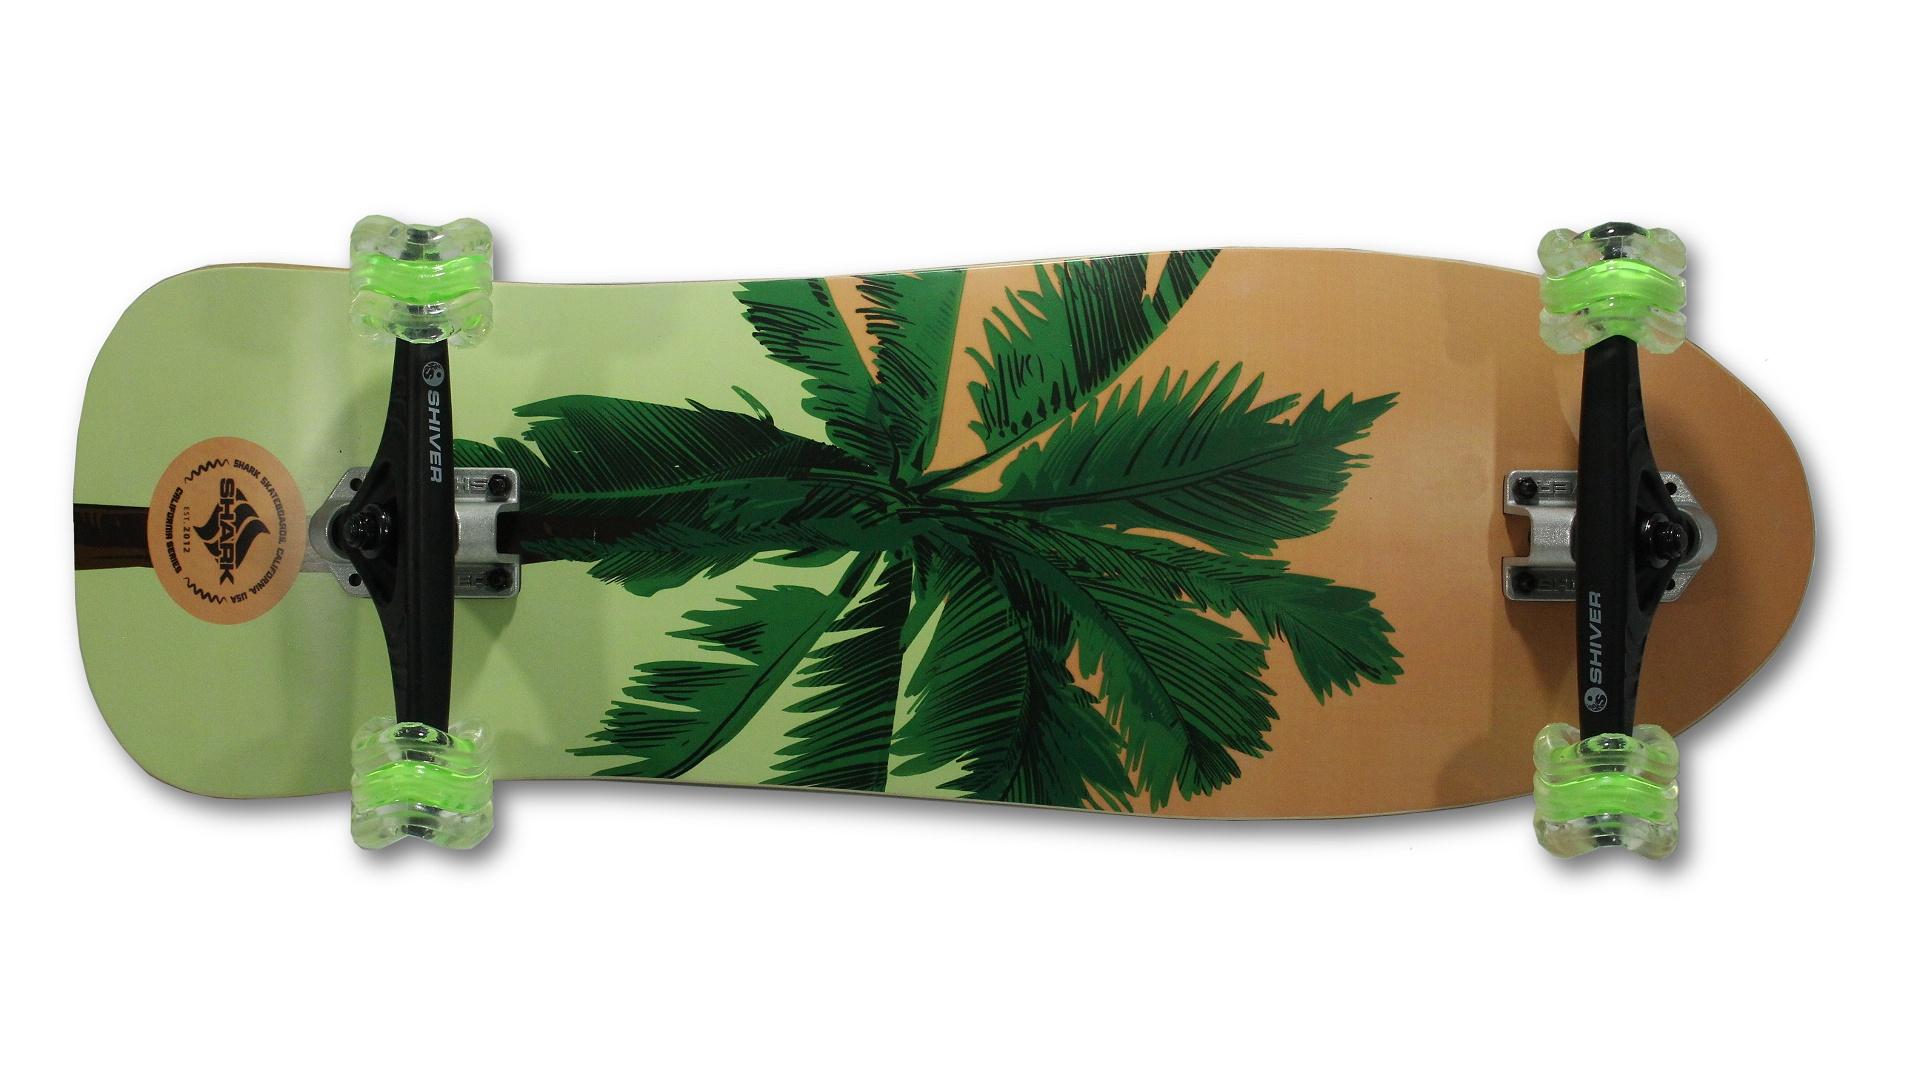 Palms Cruiser Skateboard by Shark Wheel